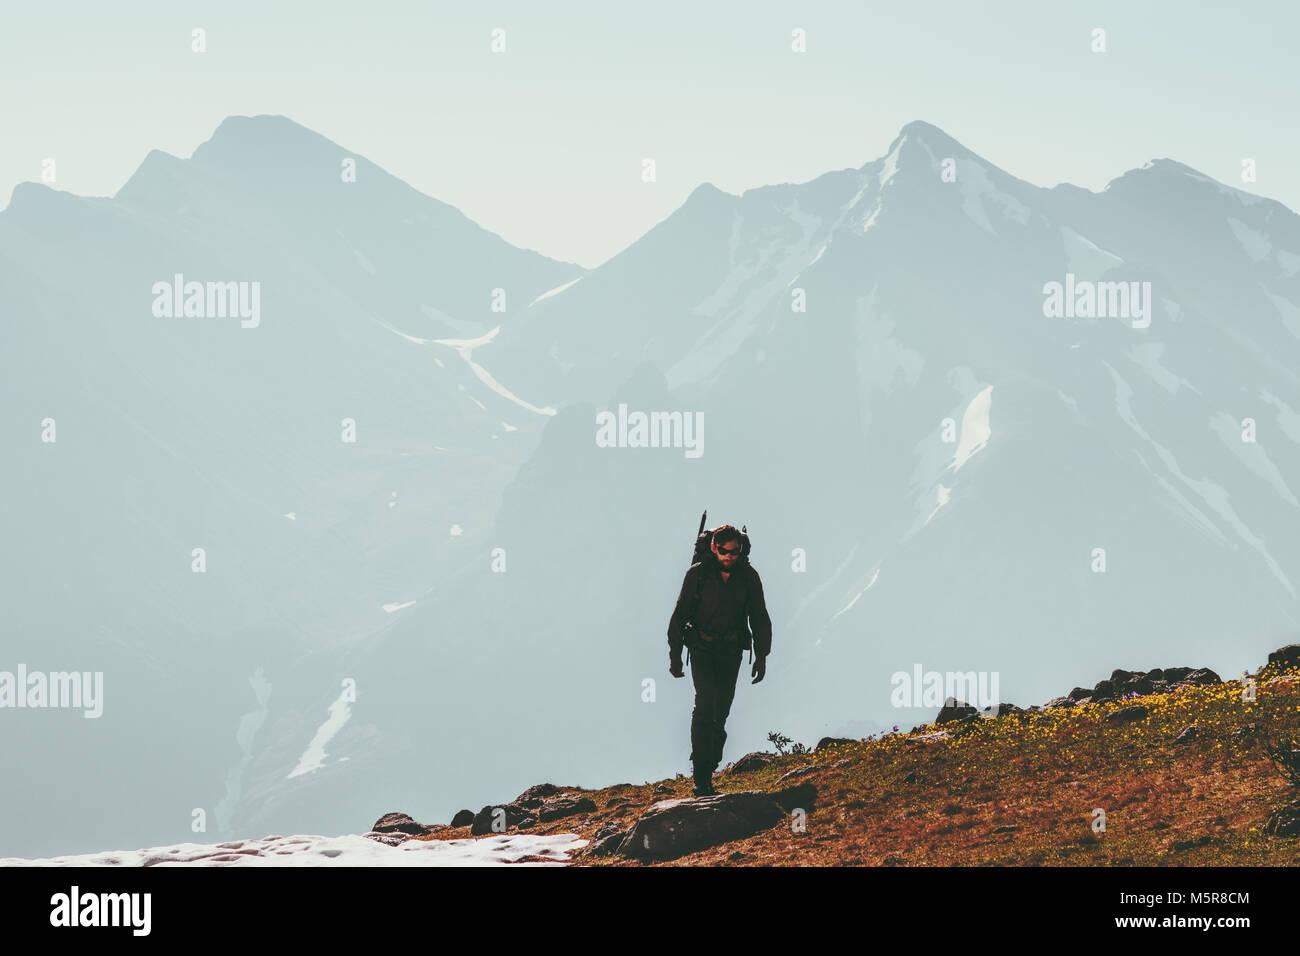 L'homme seul randonneur randonnées en montagne Lifestyle travel concept de survie en plein air aventure Photo Stock